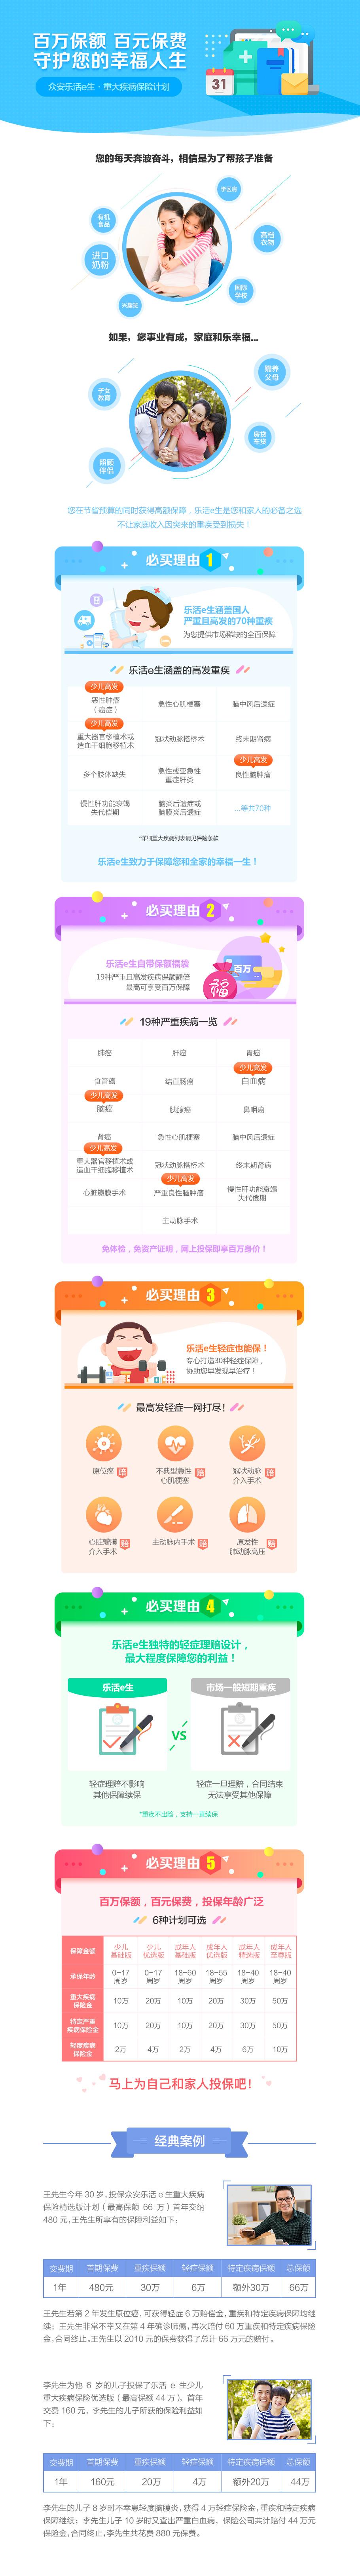 乐活e生重大疾病保险-百万保额,百元保费